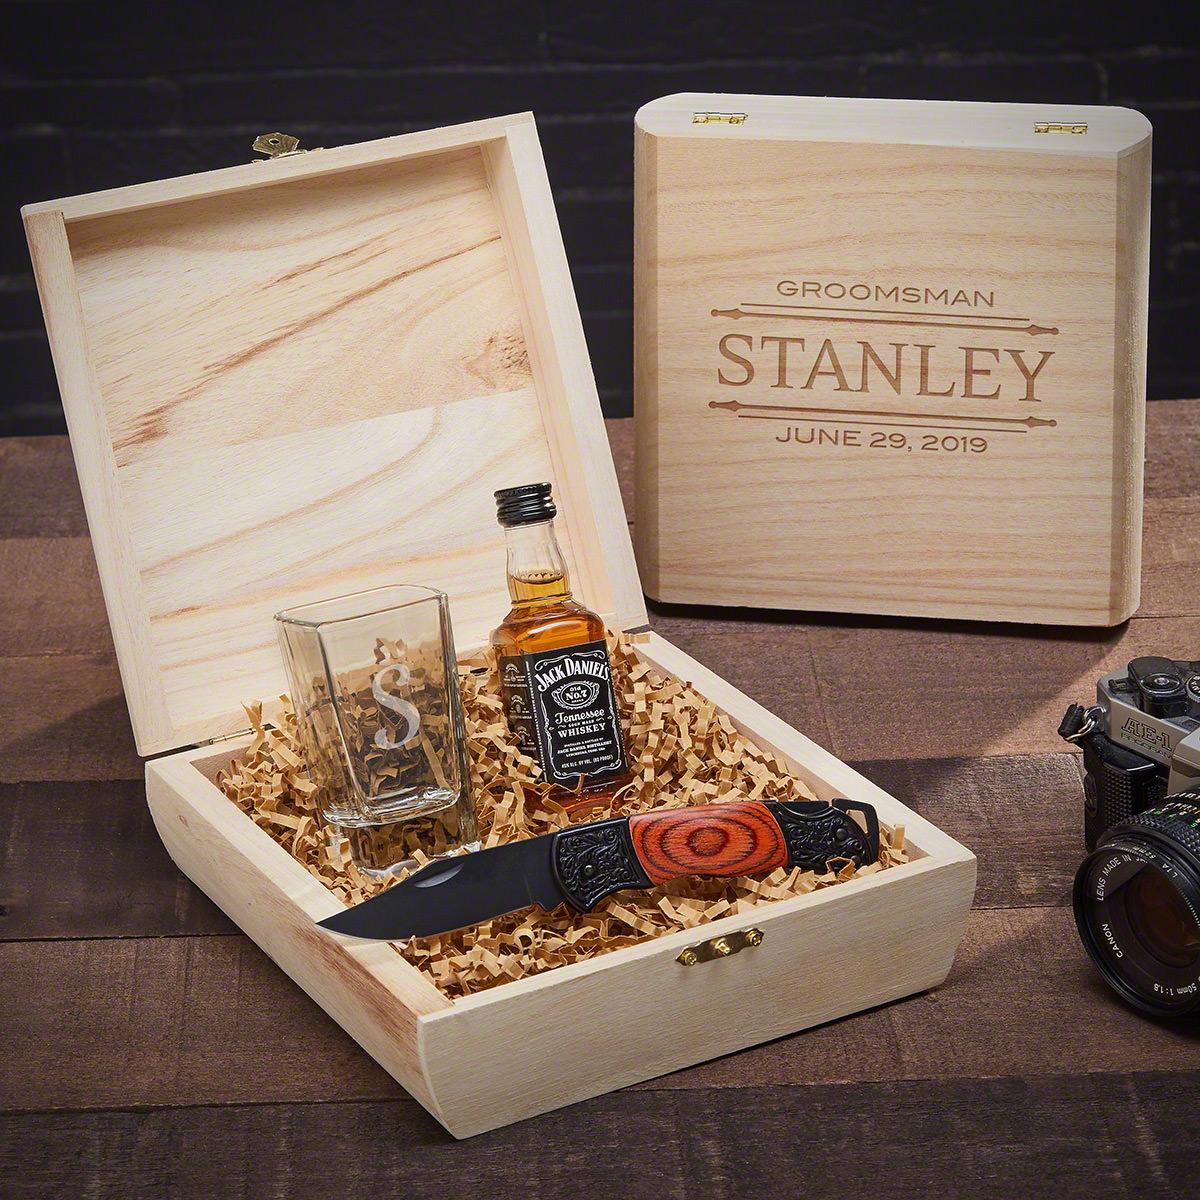 Stanford-Shot-Glass-Knife-Custom-Groomsmen-Gift-Box